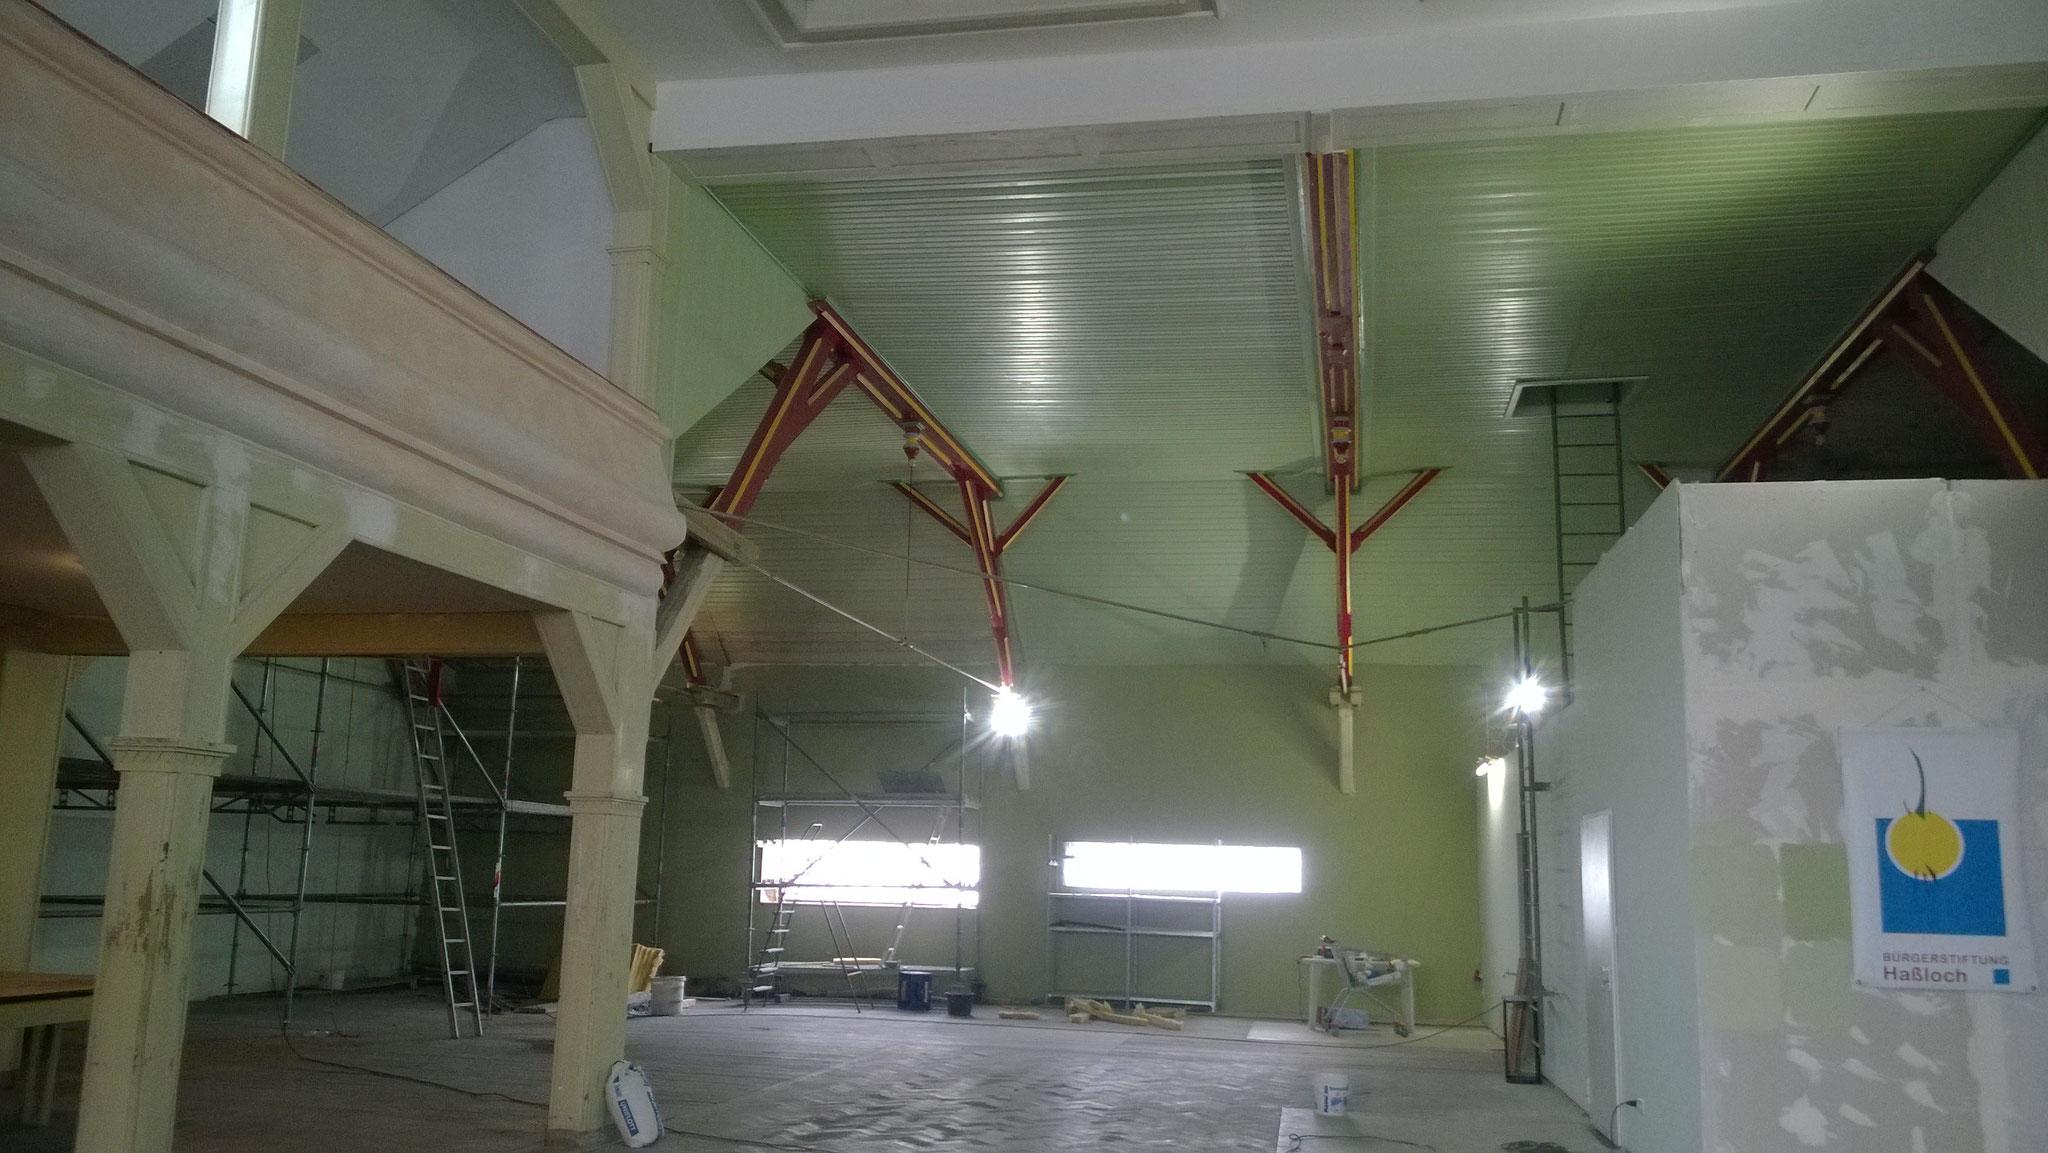 Wände wurden neu verkleidet. Wände, Gebälk und Decken erhielten einen ursprünglichen Farbton (April 2015).